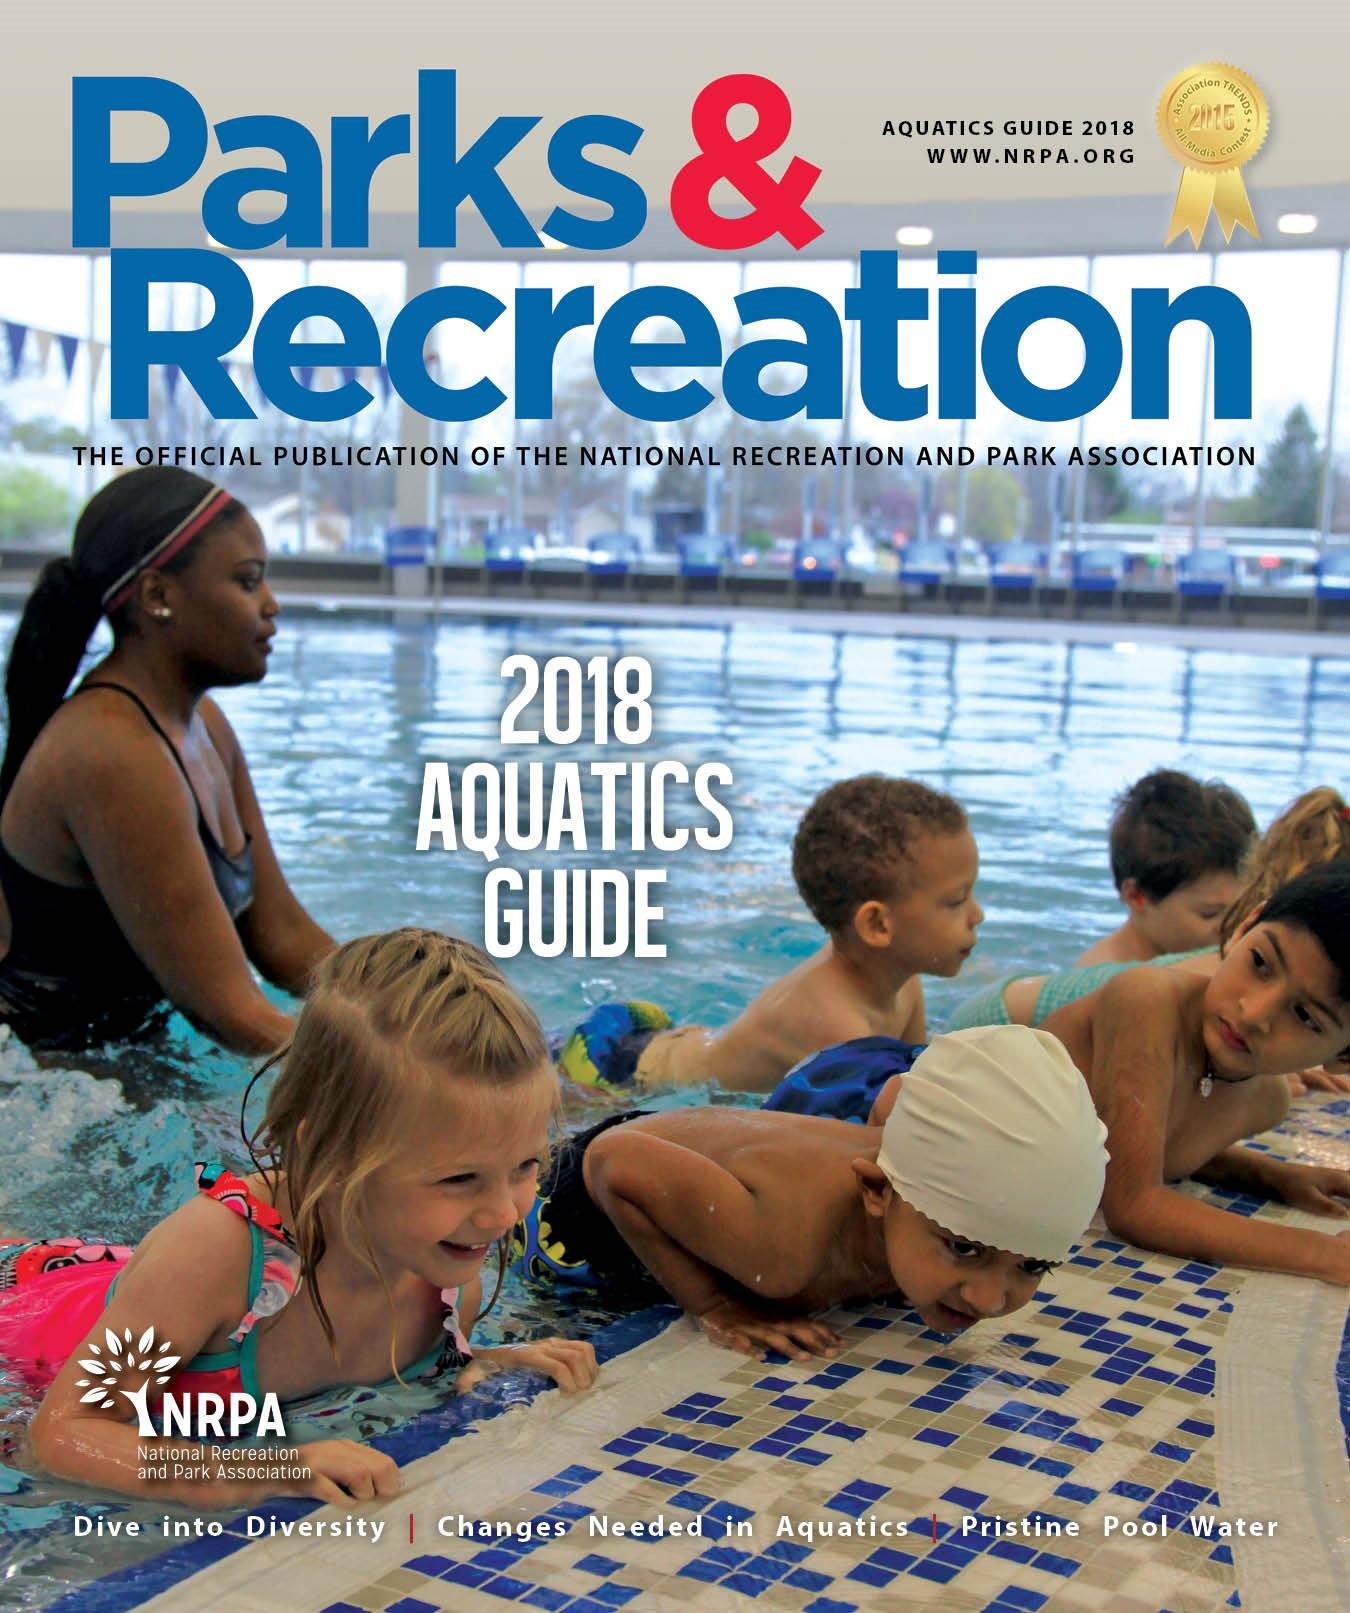 Parks and Recreation magazine Aquatics Guide